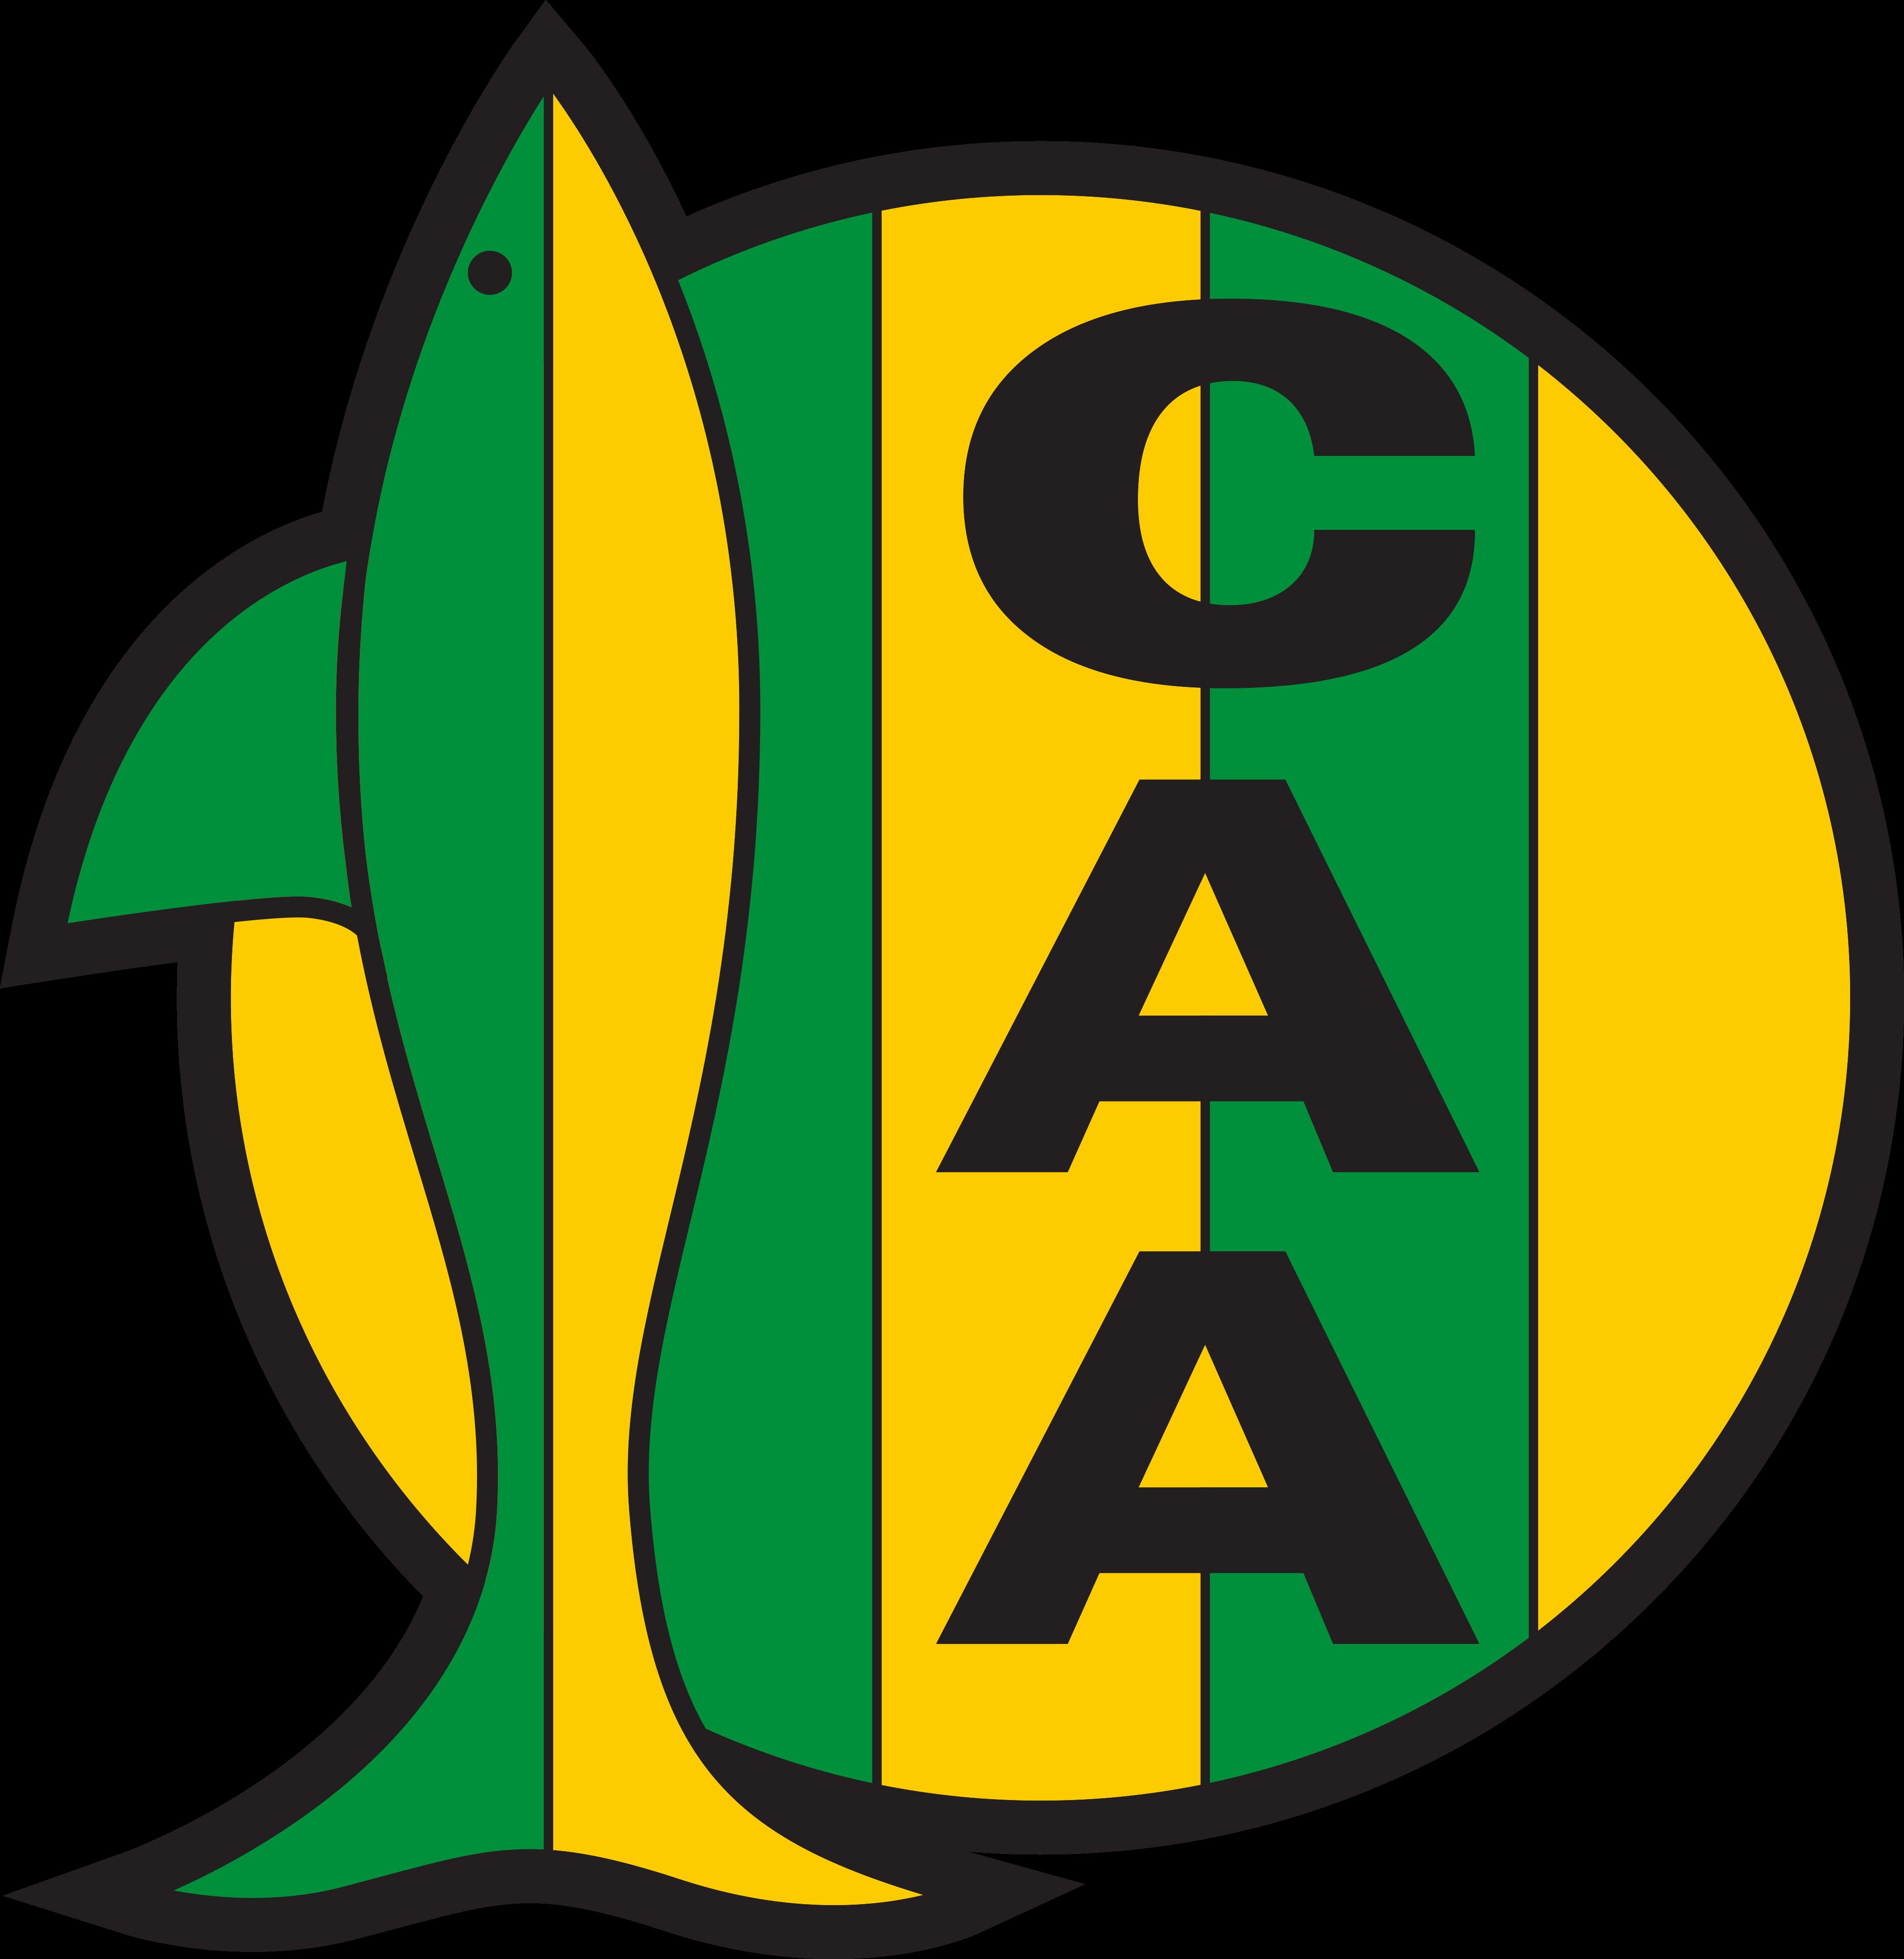 ca aldosivi logo - CA Aldosivi Logo - Escudo